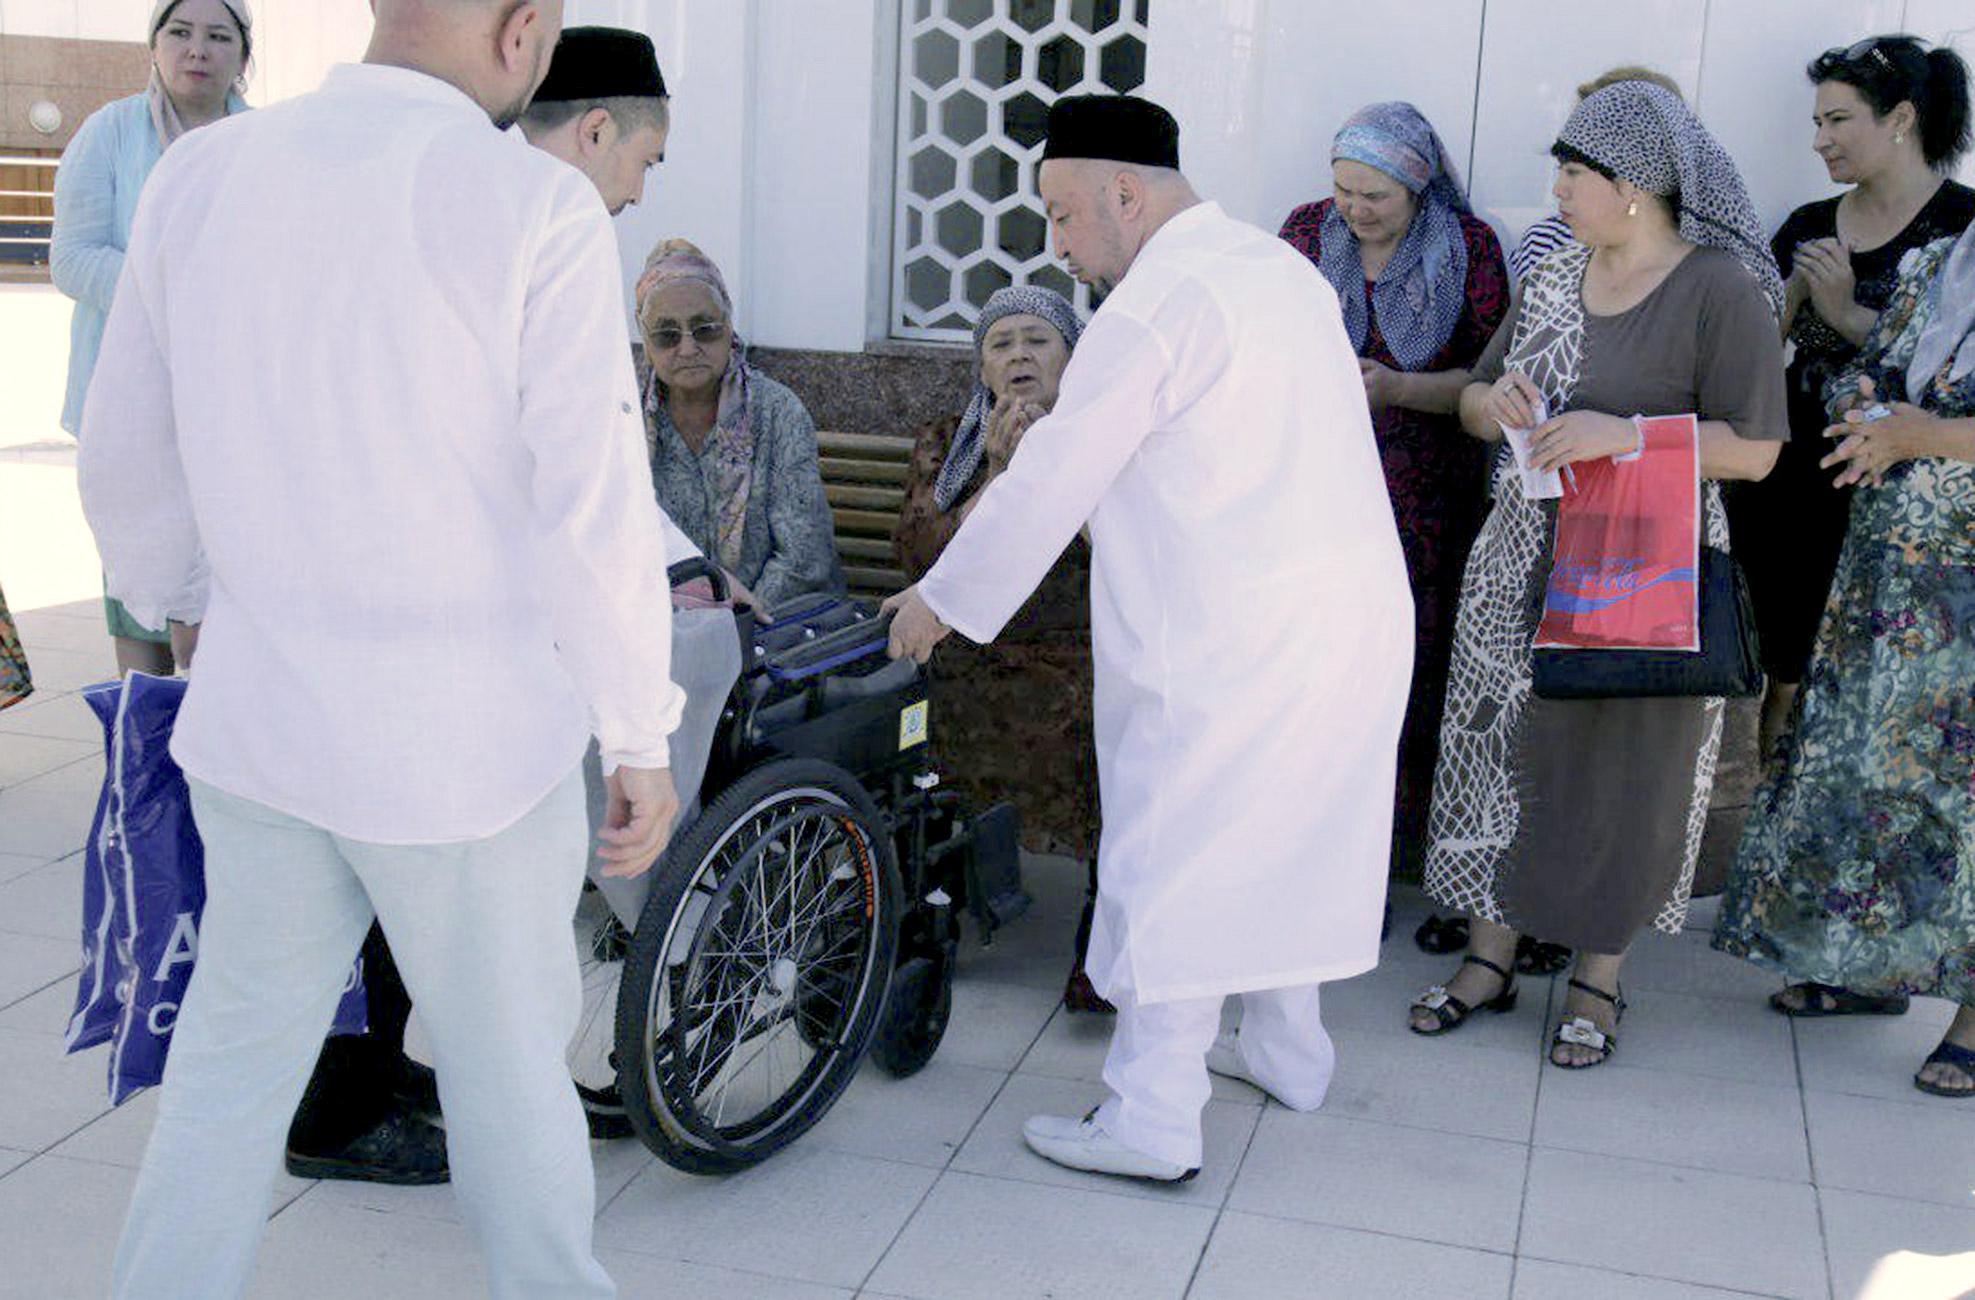 Мусульмане вместе с имамом передают нуждающимся купленные на пожертвования инвалидные коляски 12 июня в Ташкенте. [Духовное управление мусульман Узбекистана]